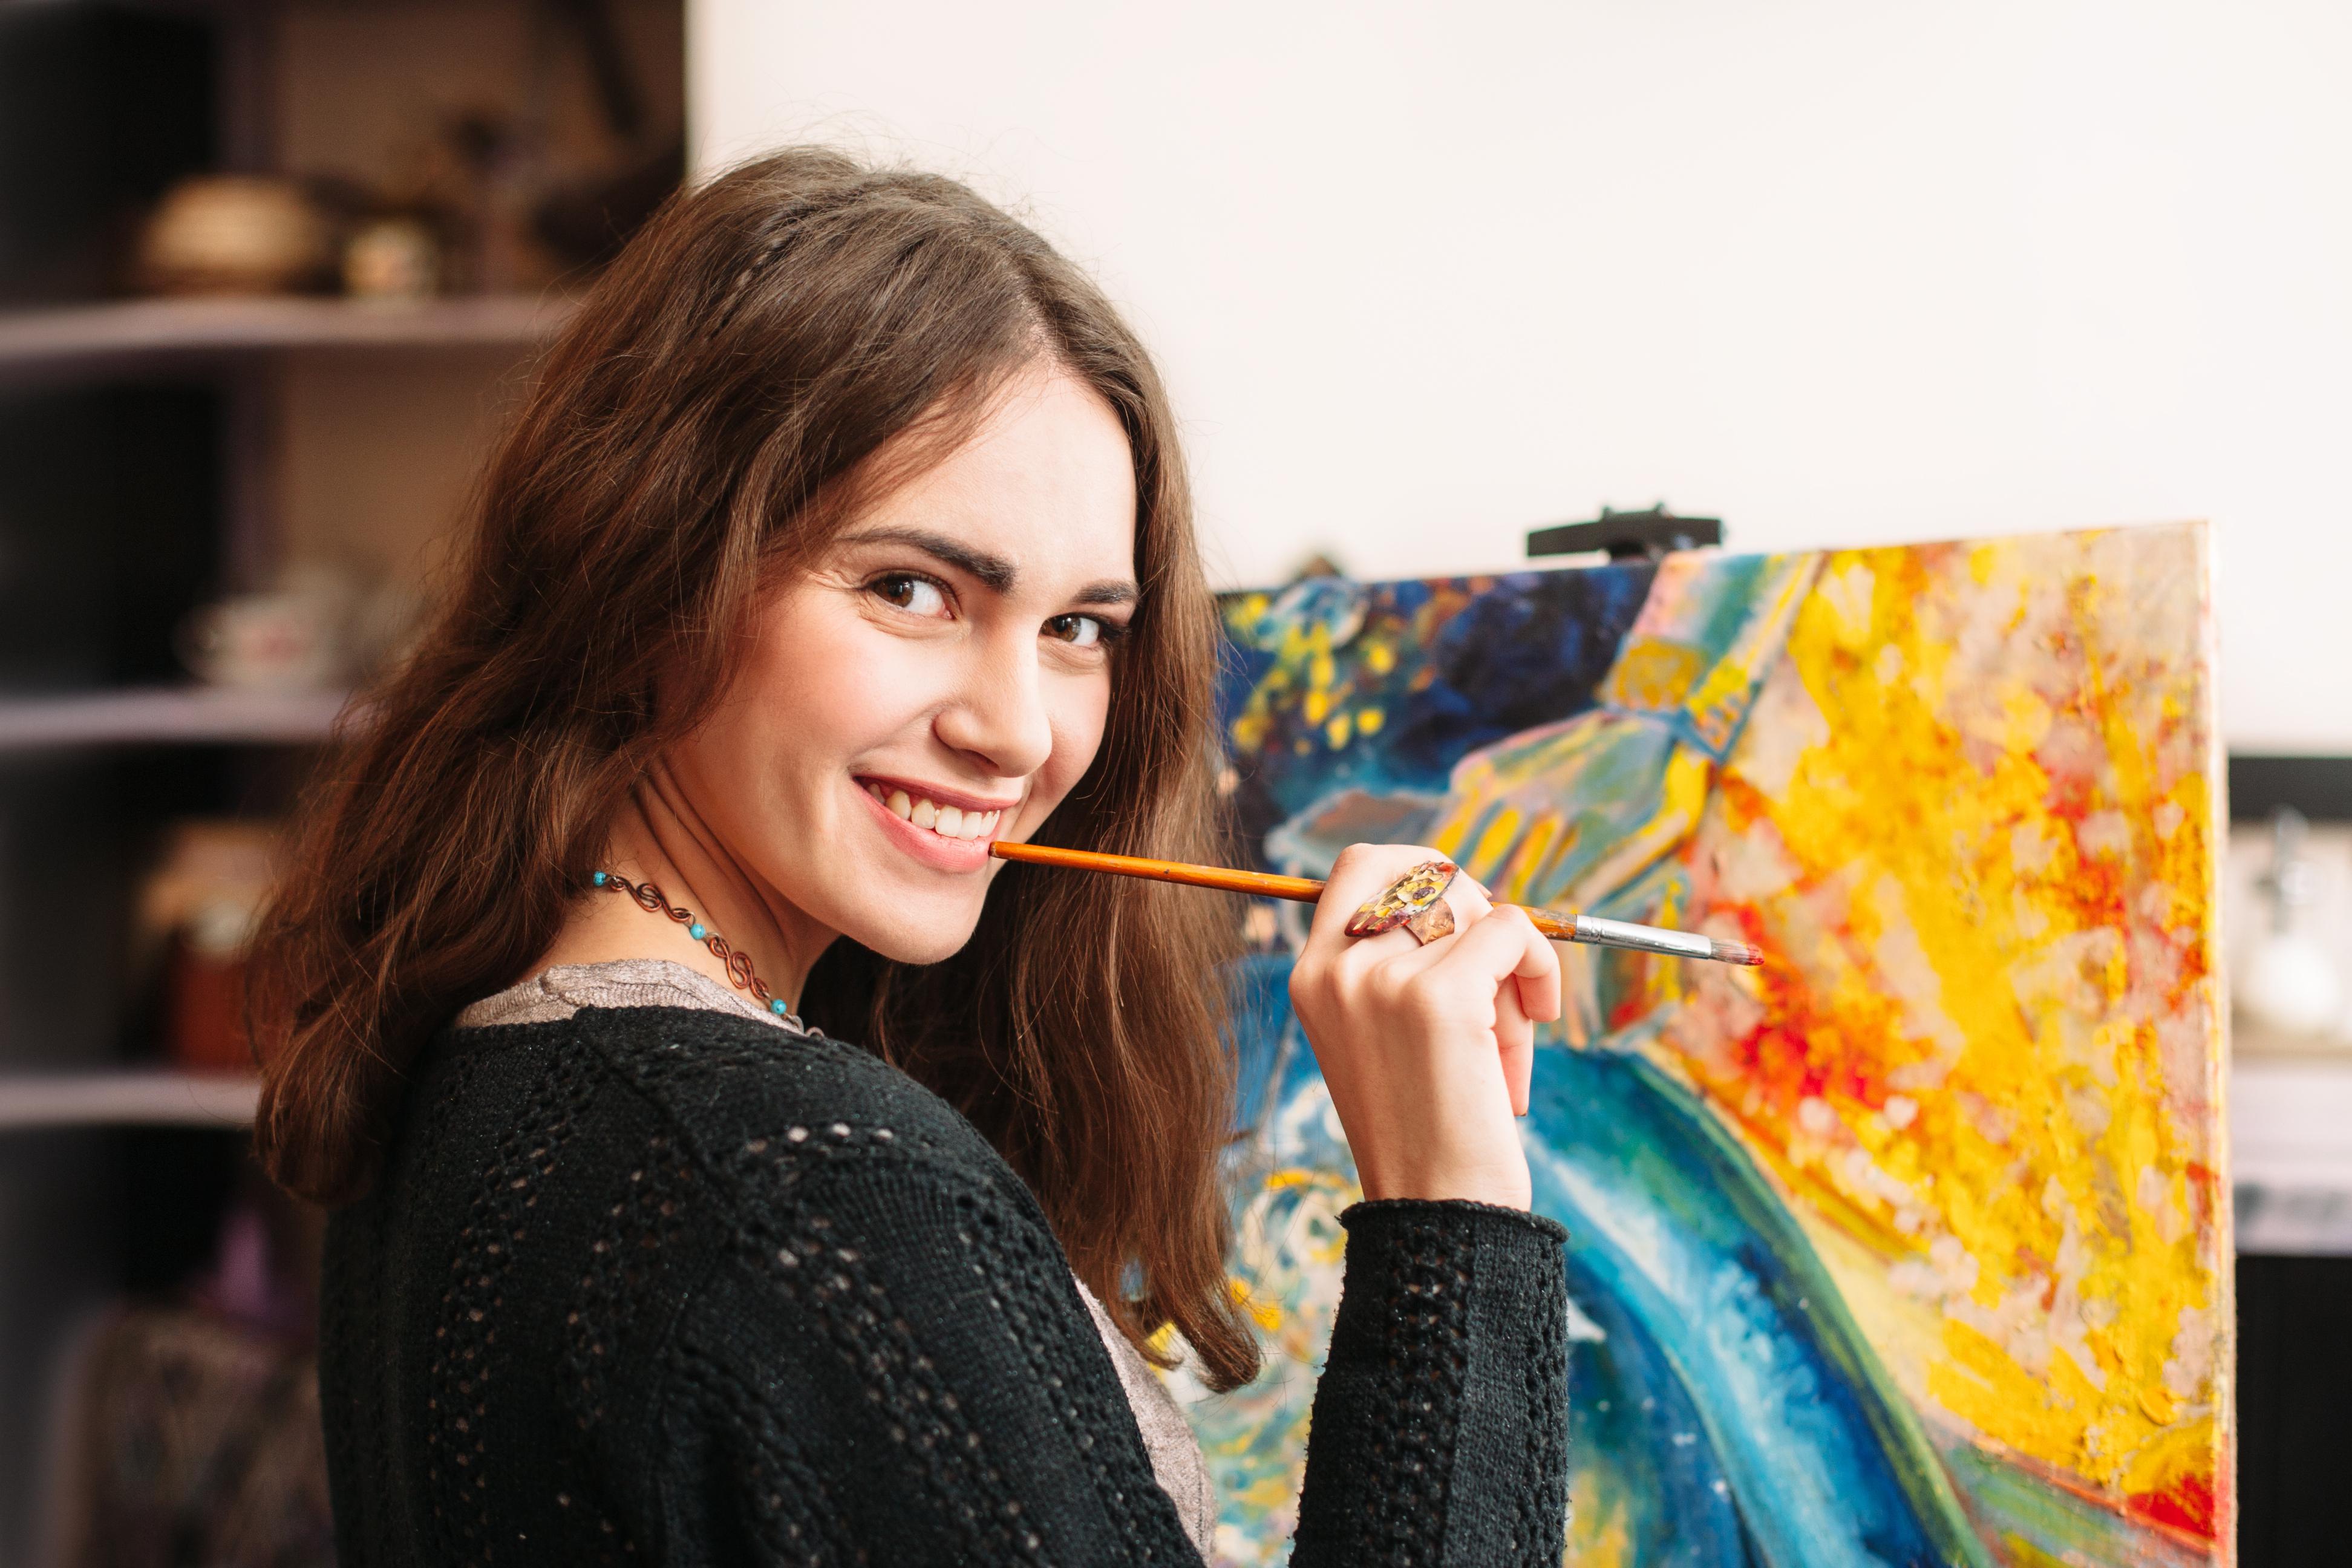 Cinq conseils pour peindre plus librement